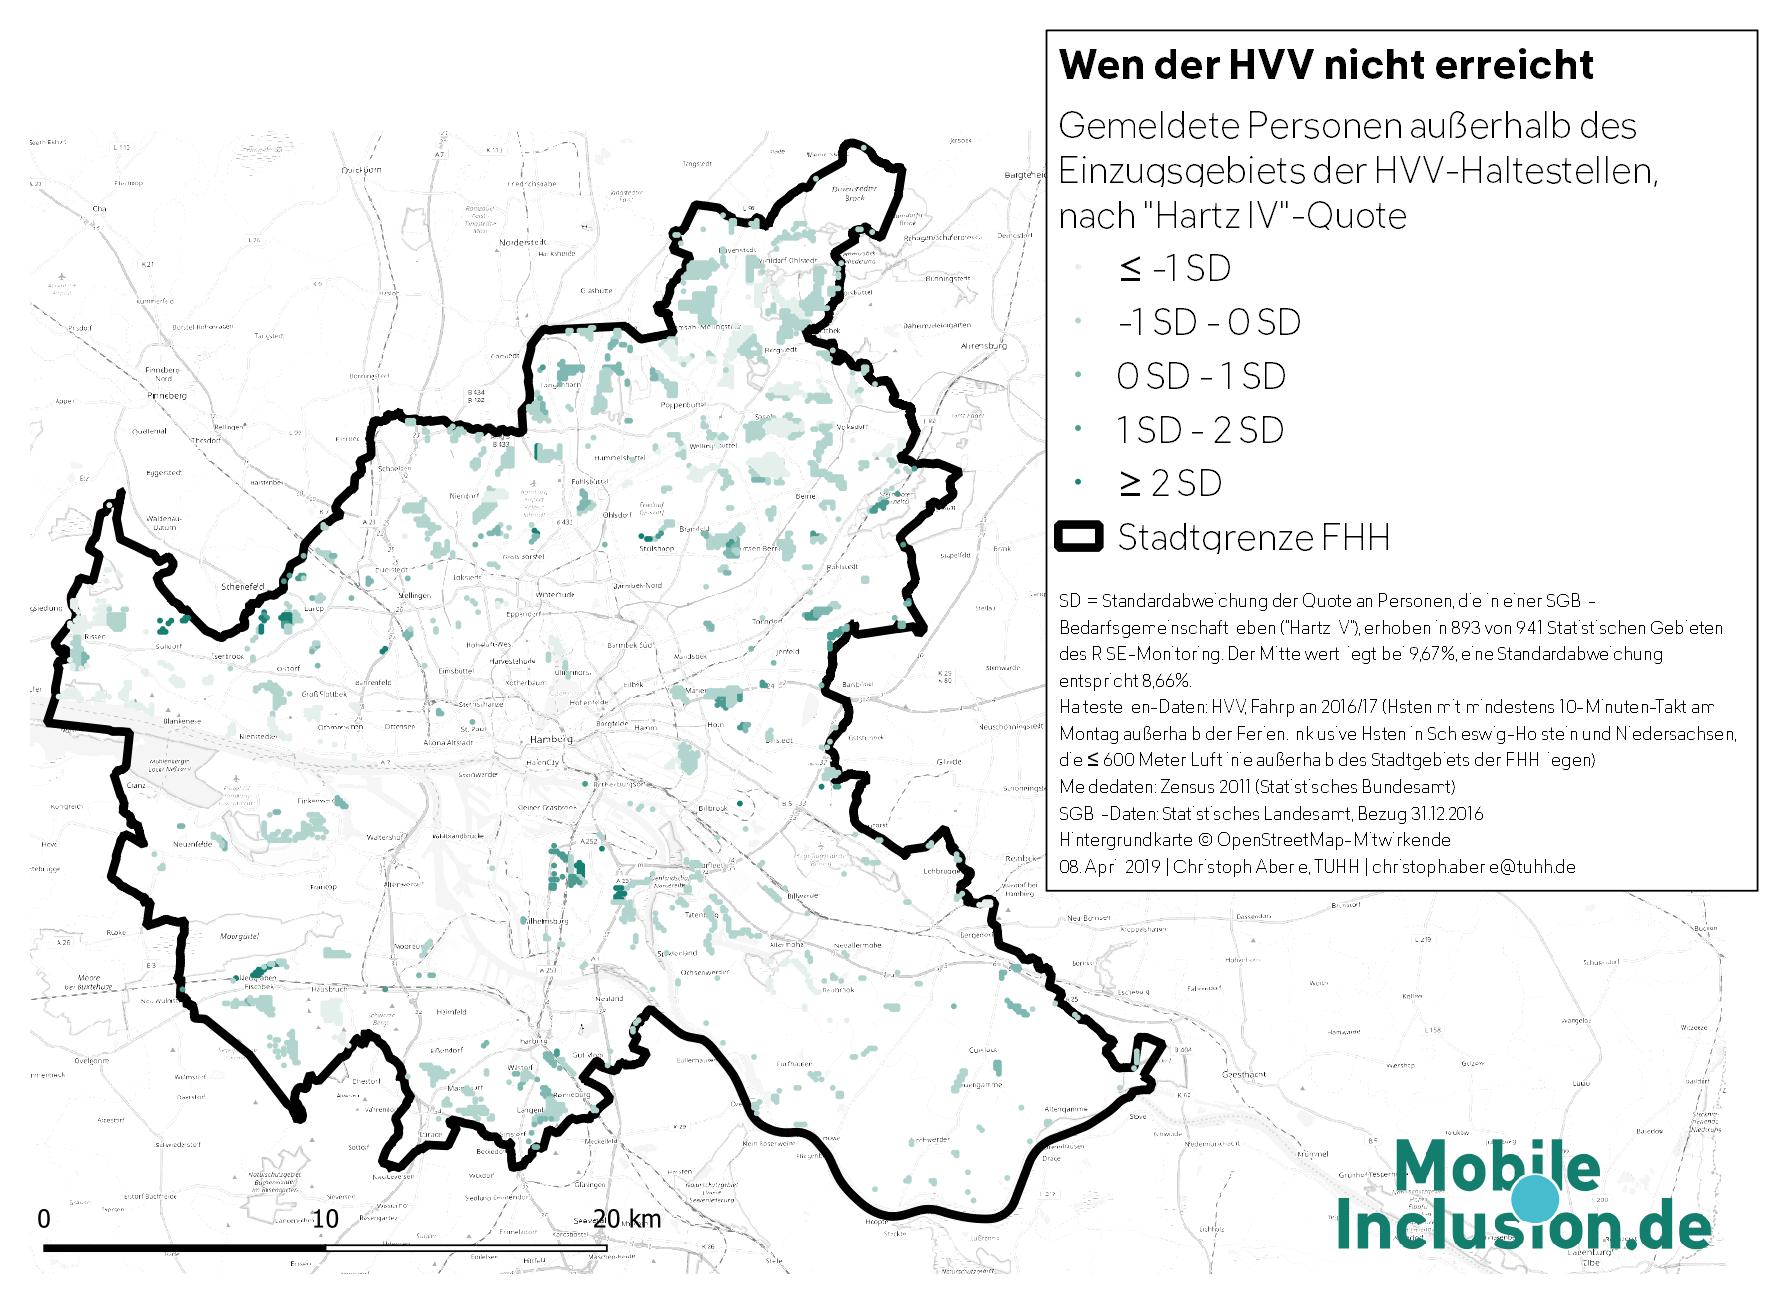 Lücken im Einzugsgebiet des HVV nach HartzIV-Quote